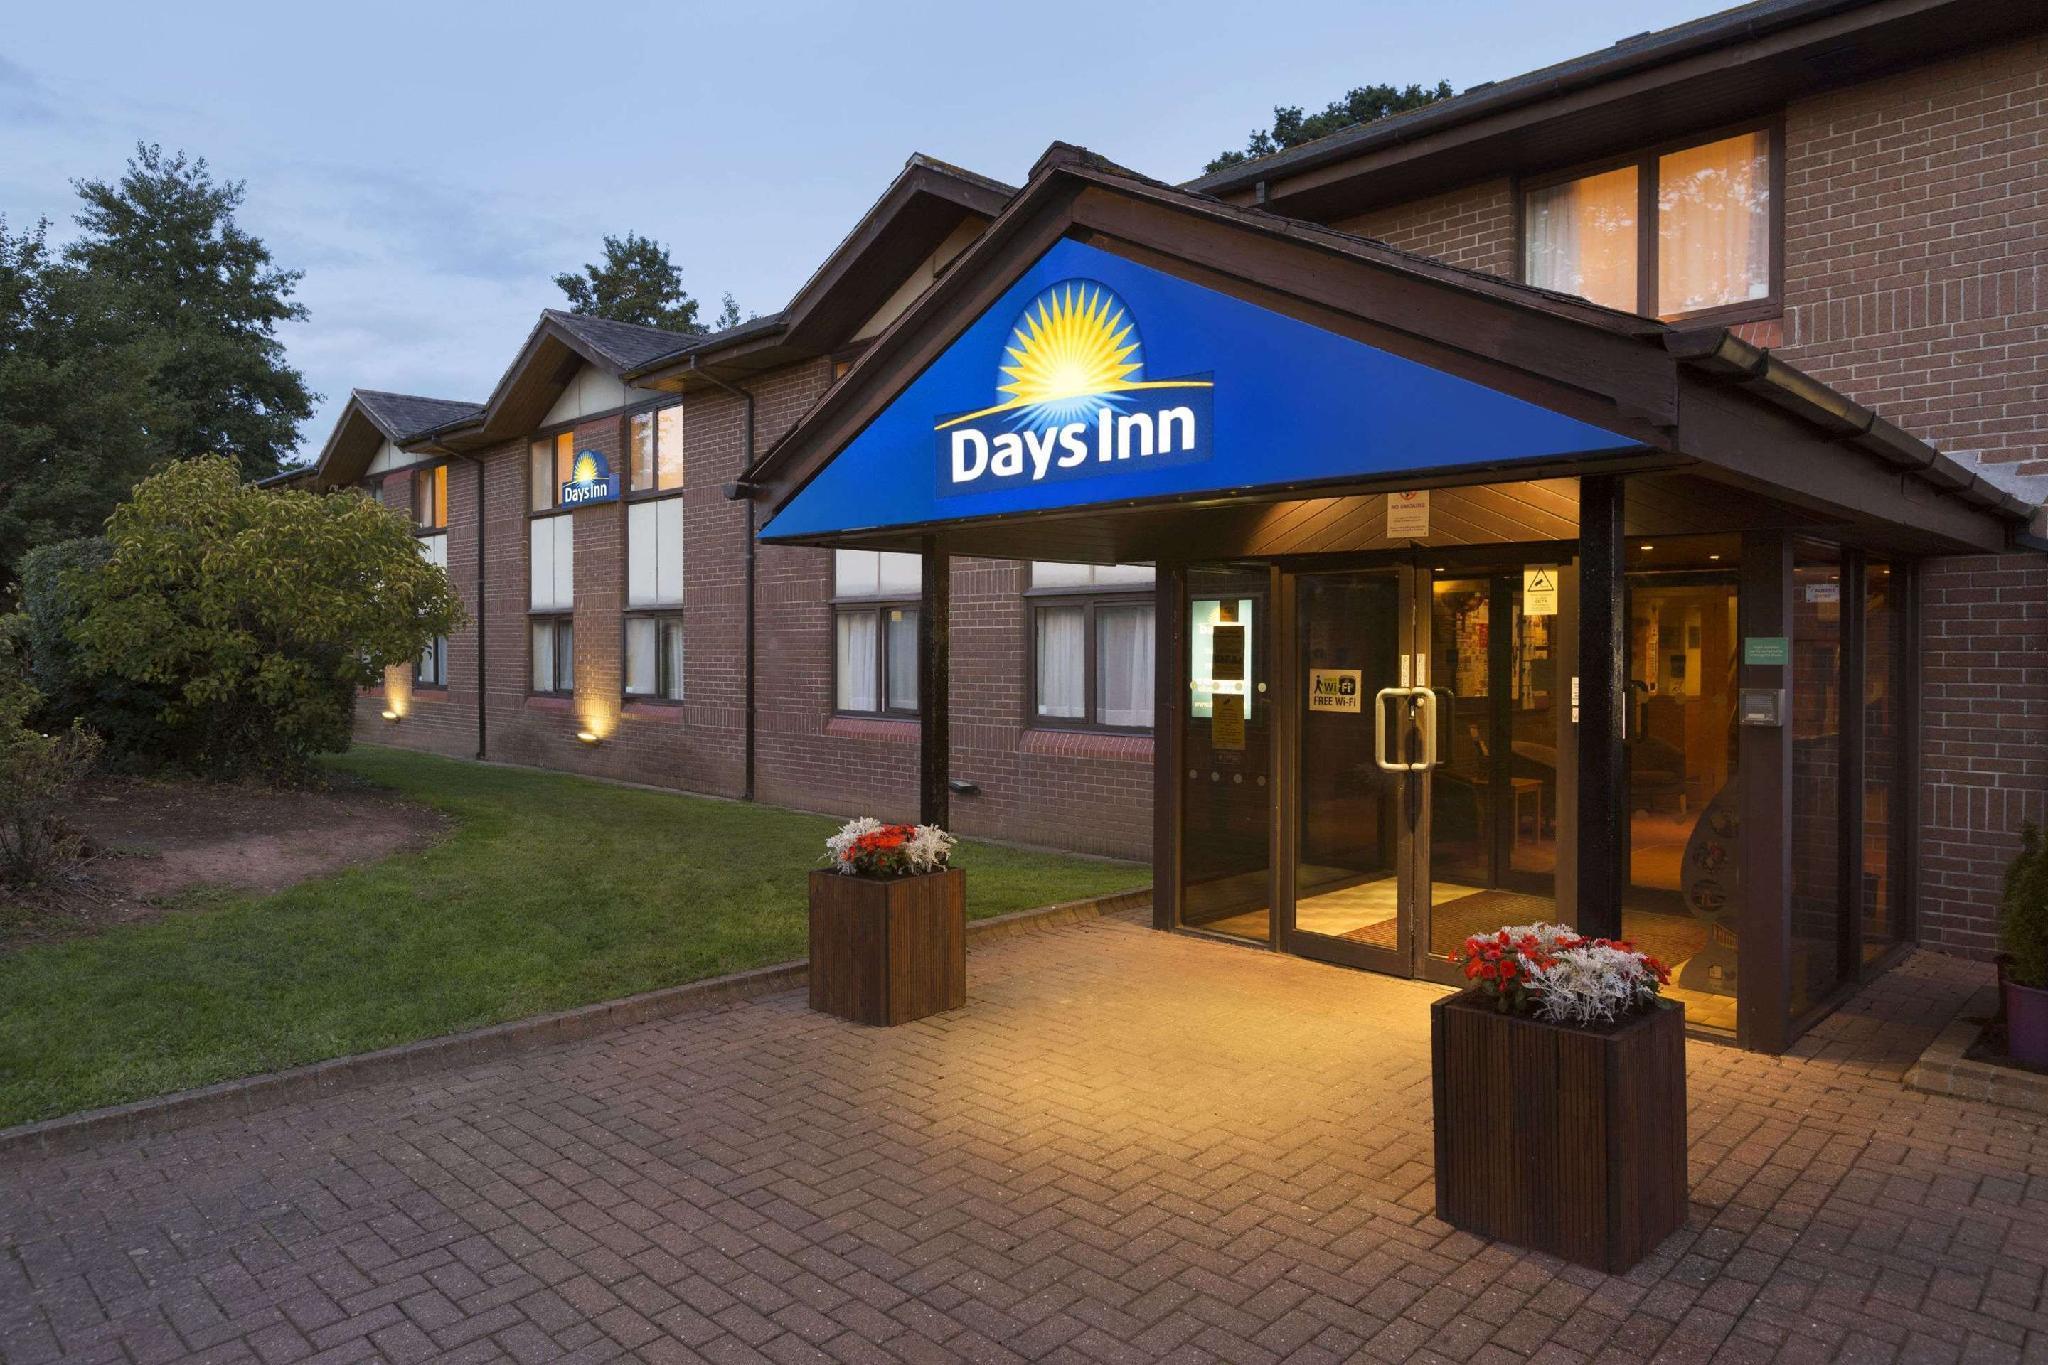 Days Inn by Wyndham Taunton, Somerset